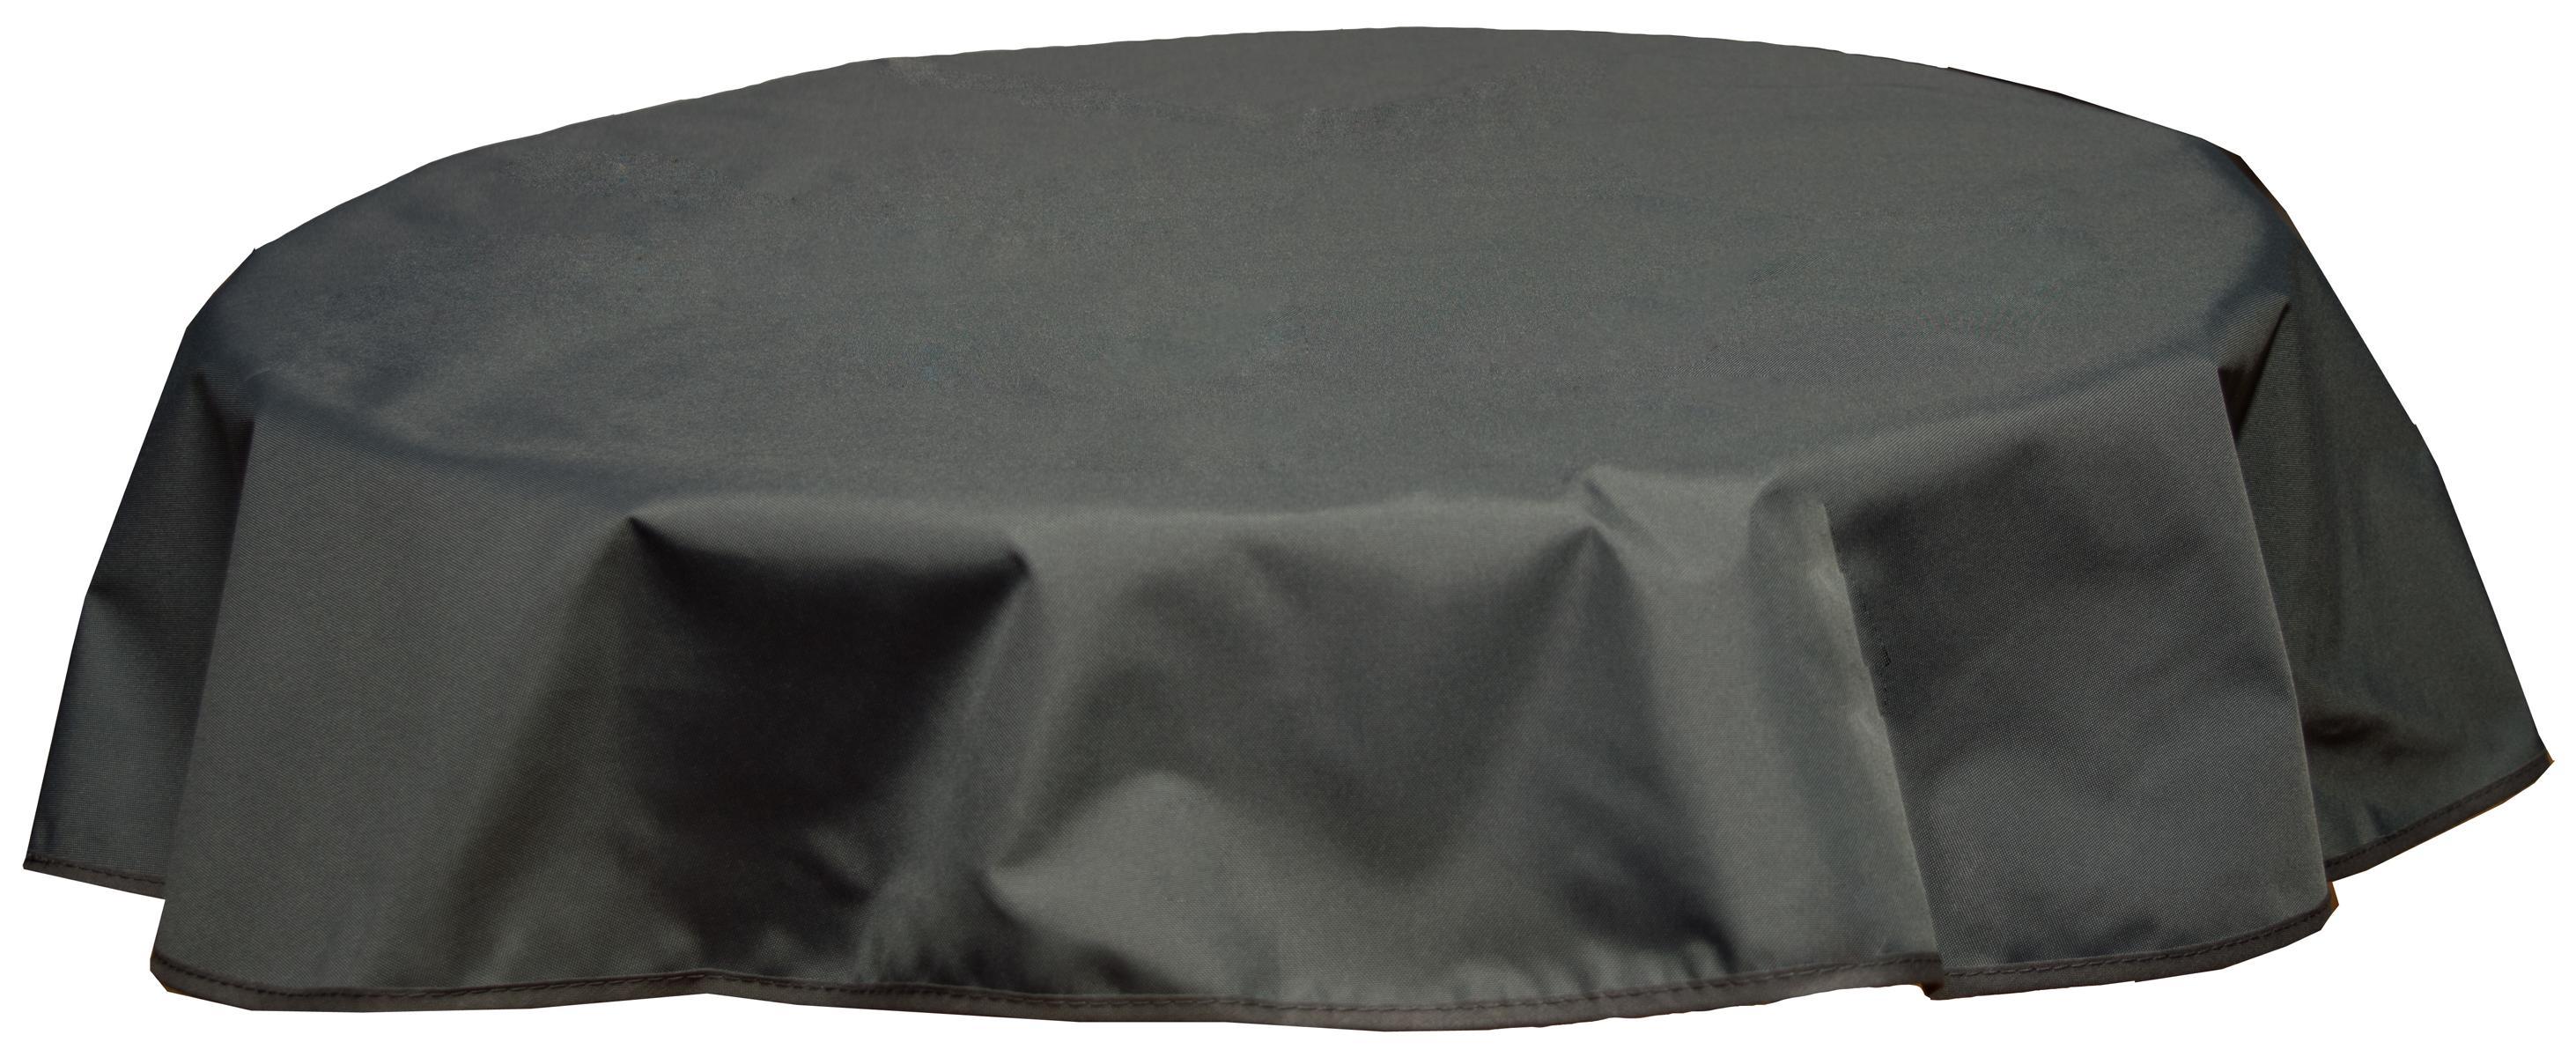 Runde Tischdecke 160cm wasserabweisend 100% Polyester in anthrazit